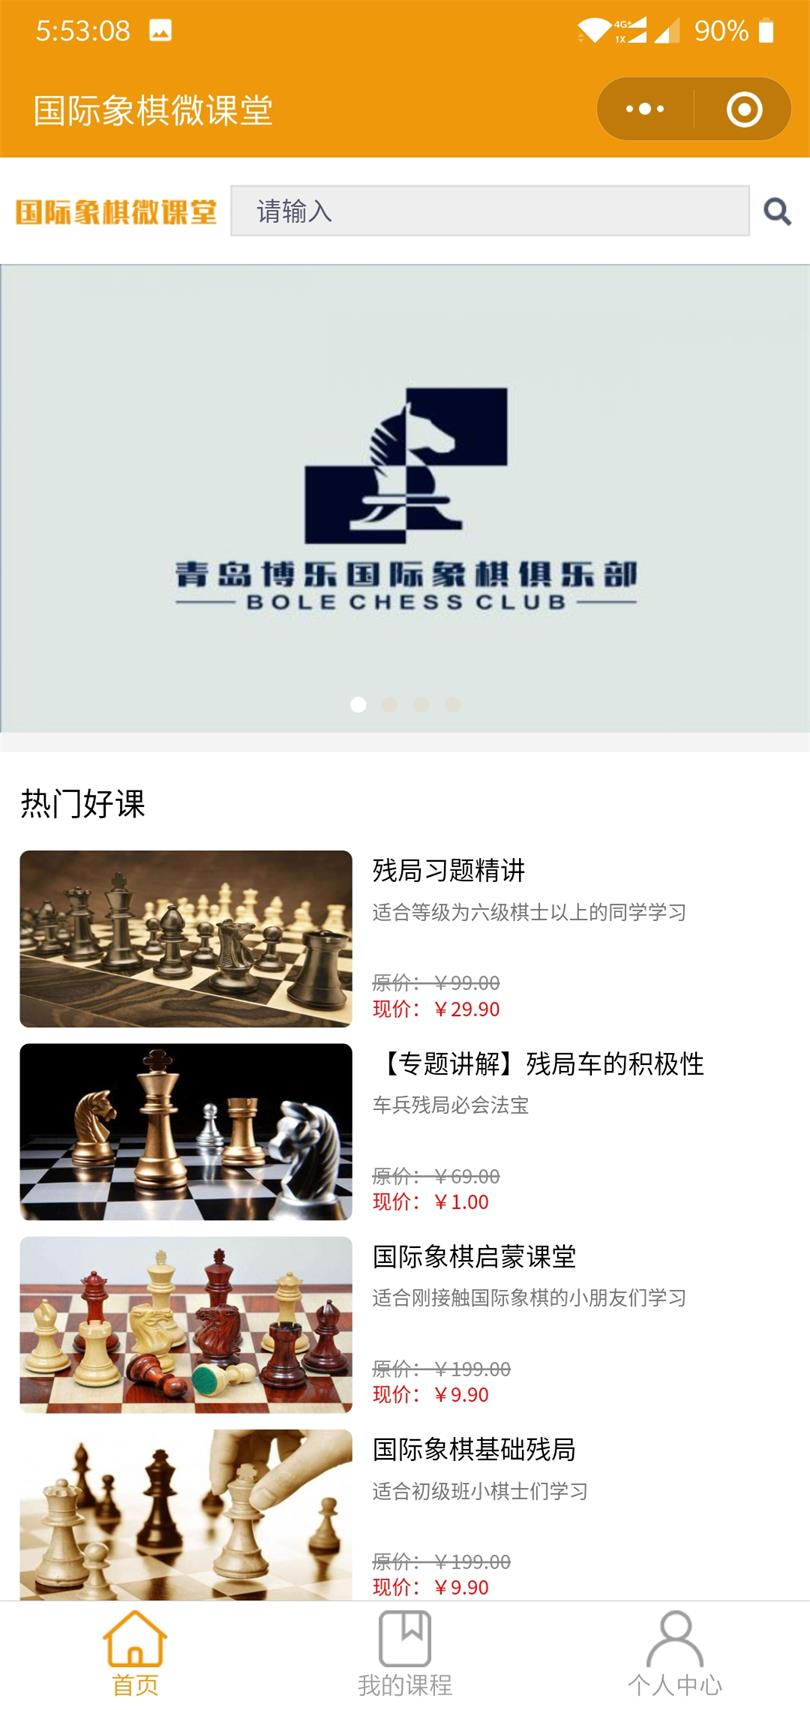 国际象棋教育小程序